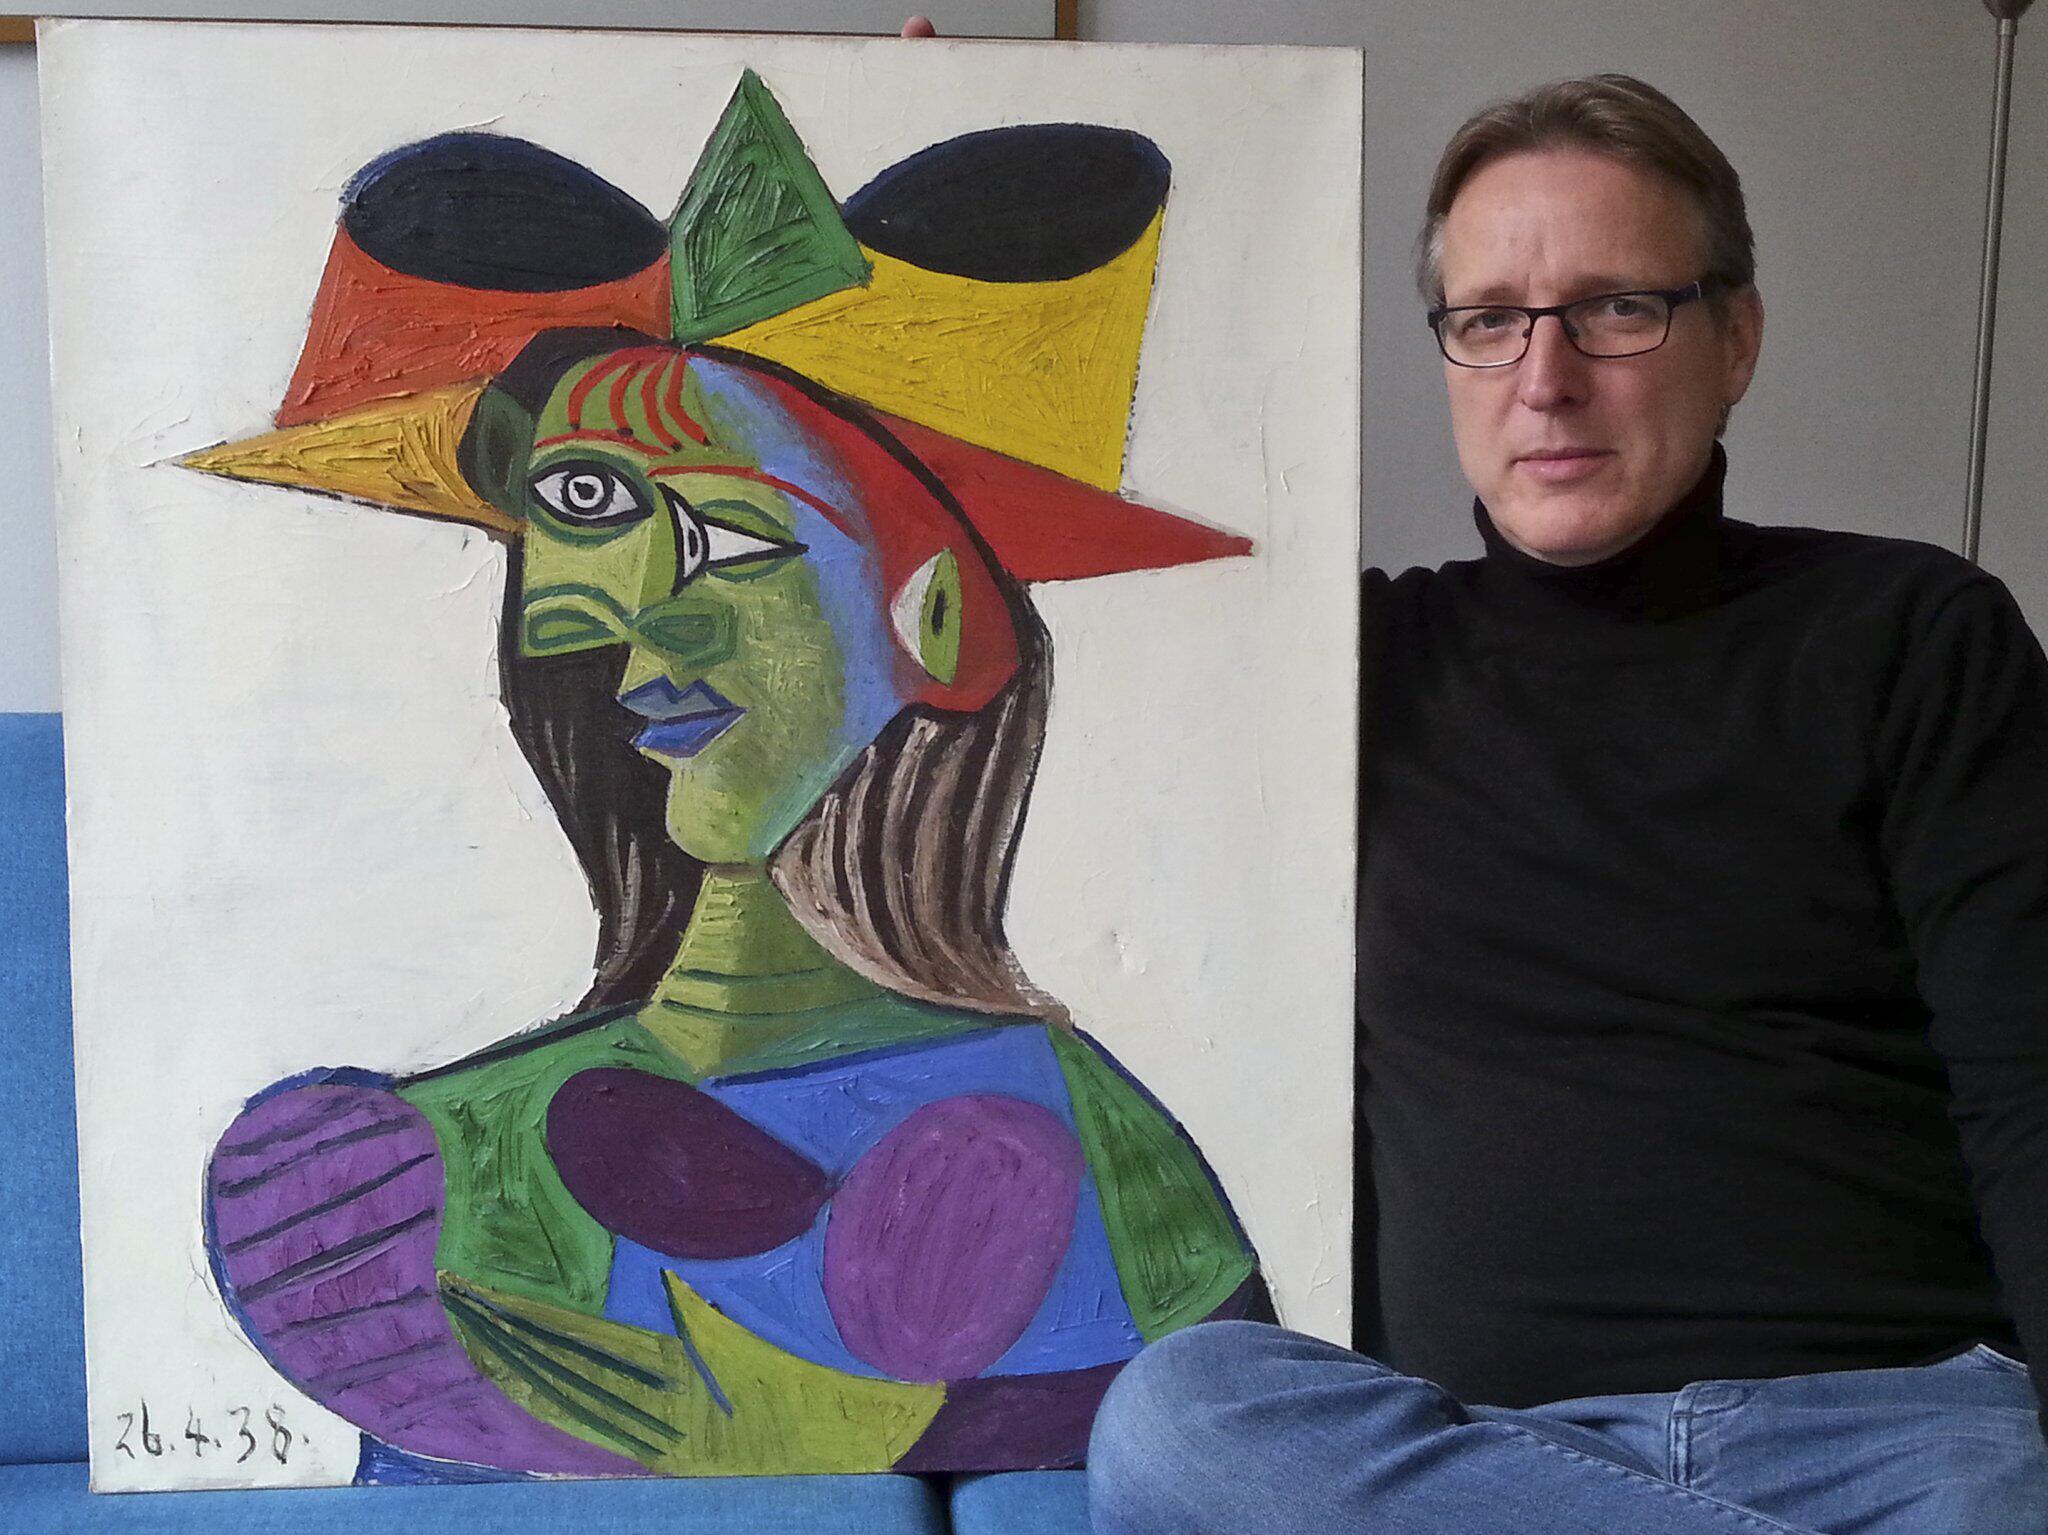 Bild zu Gestohlener Picasso nach 20 Jahren gefunden